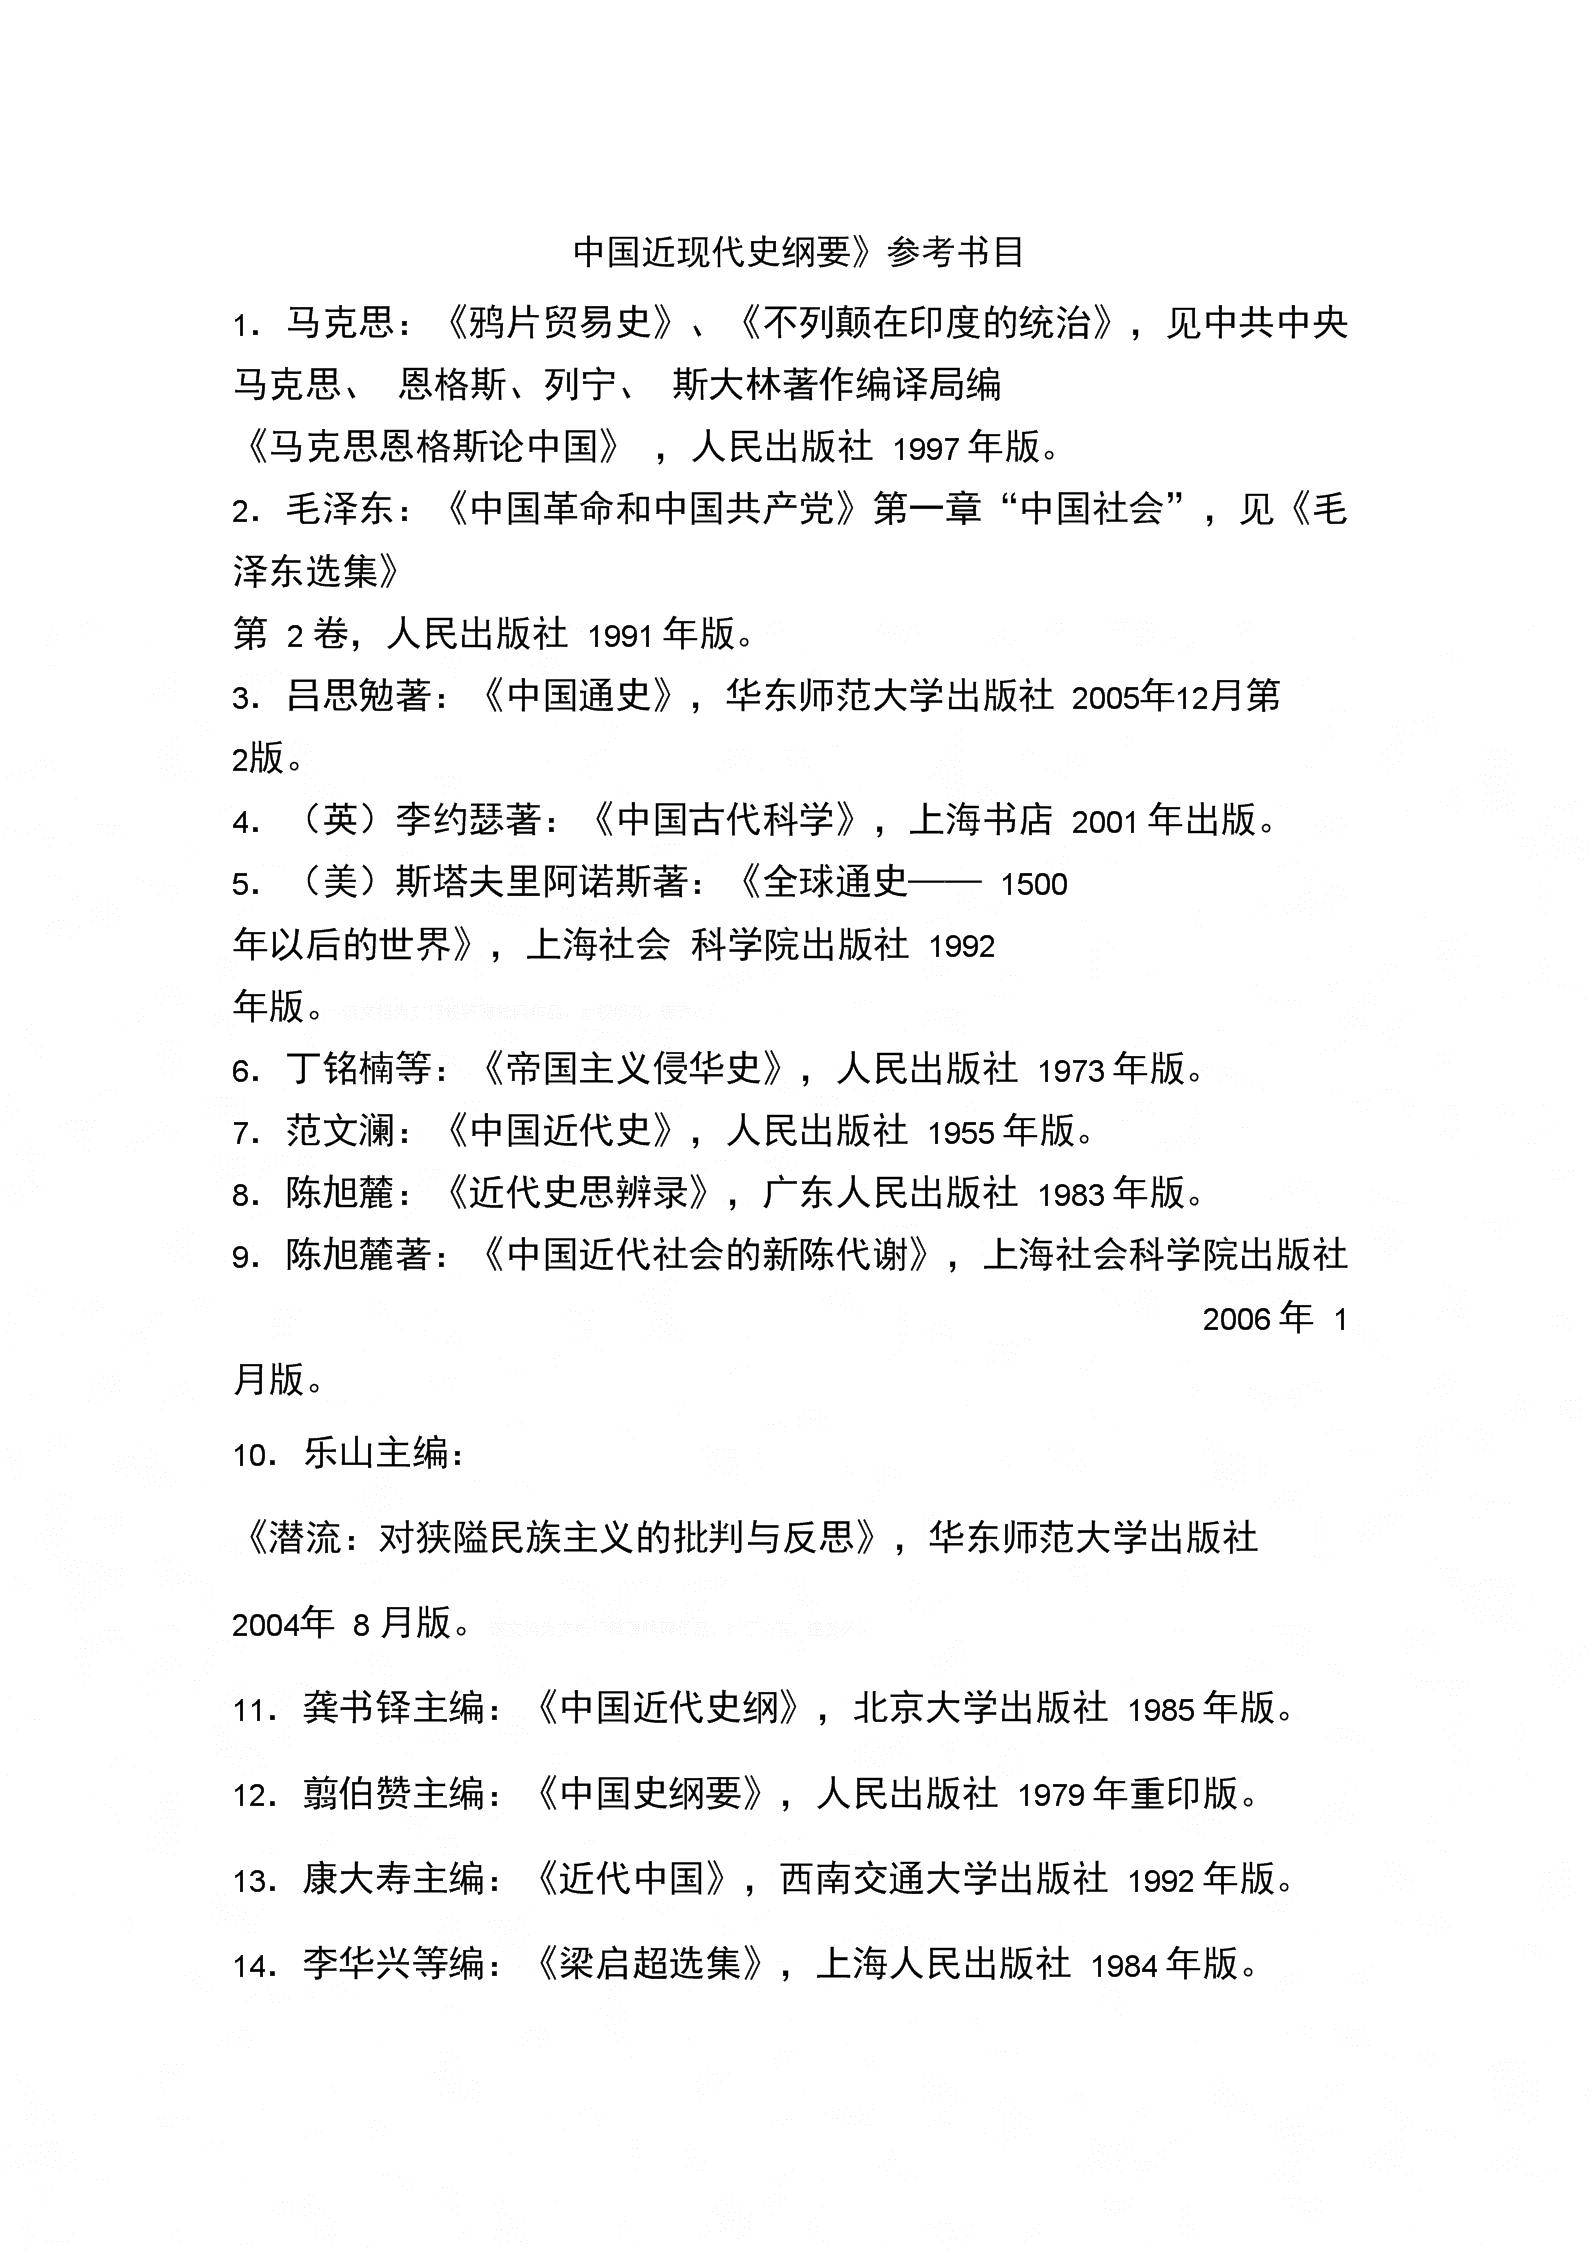 《中国近现代史纲要》参考书目.docx